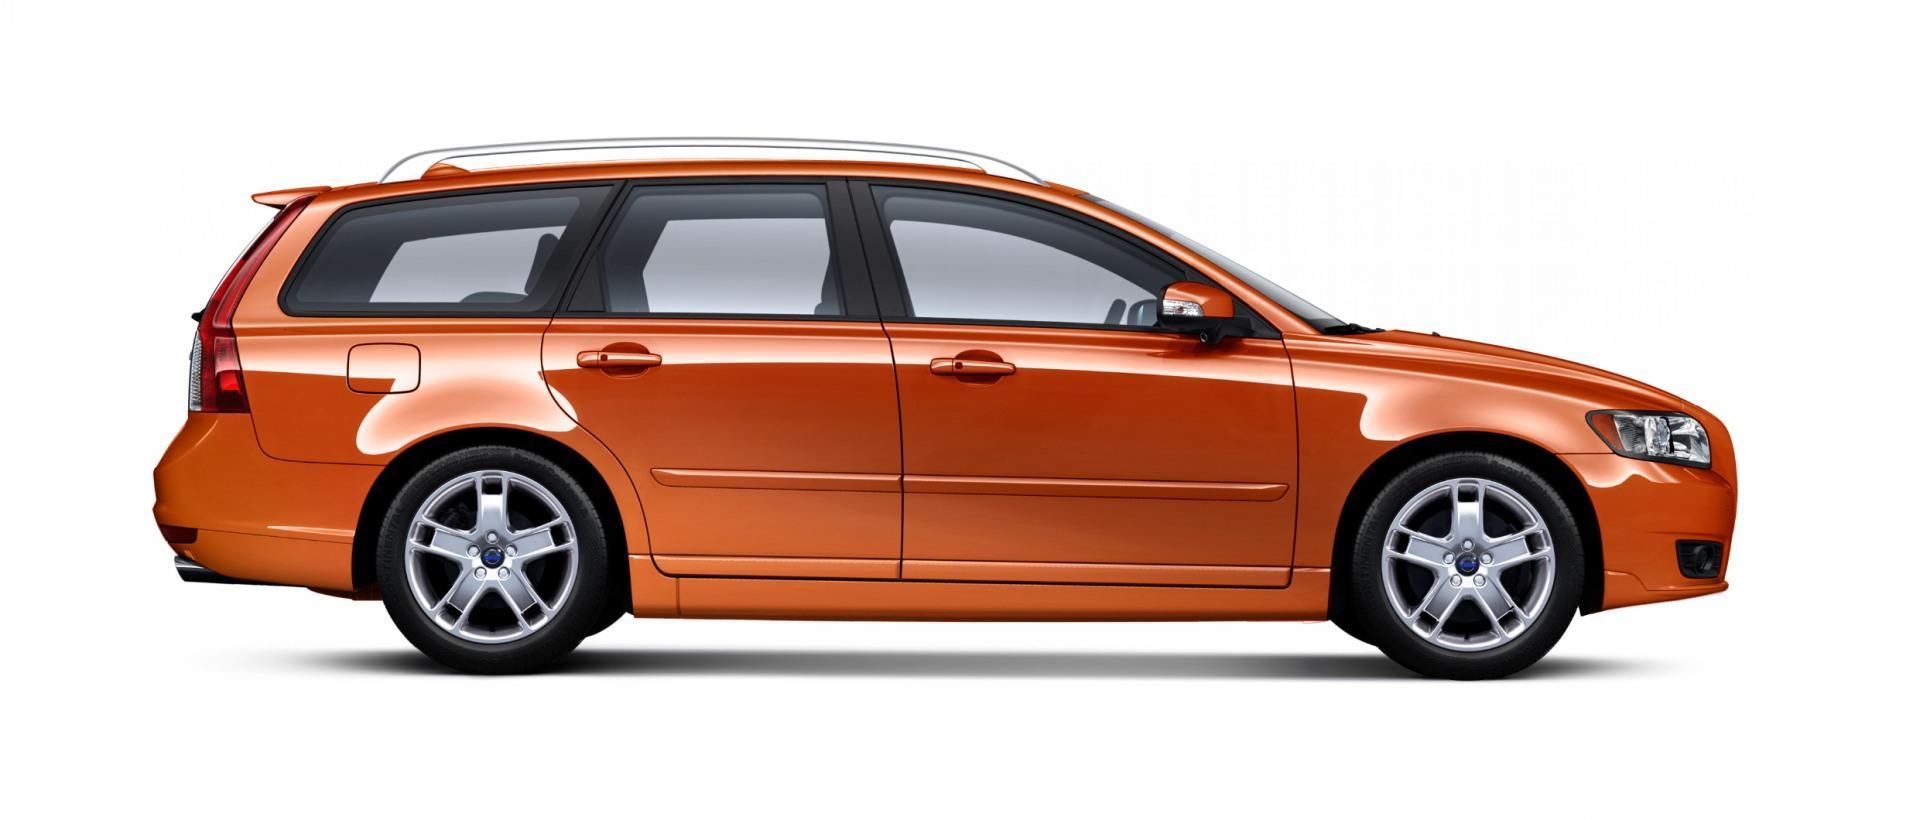 Team One Chevrolet >> 2011 Volvo V50 News and Information | conceptcarz.com